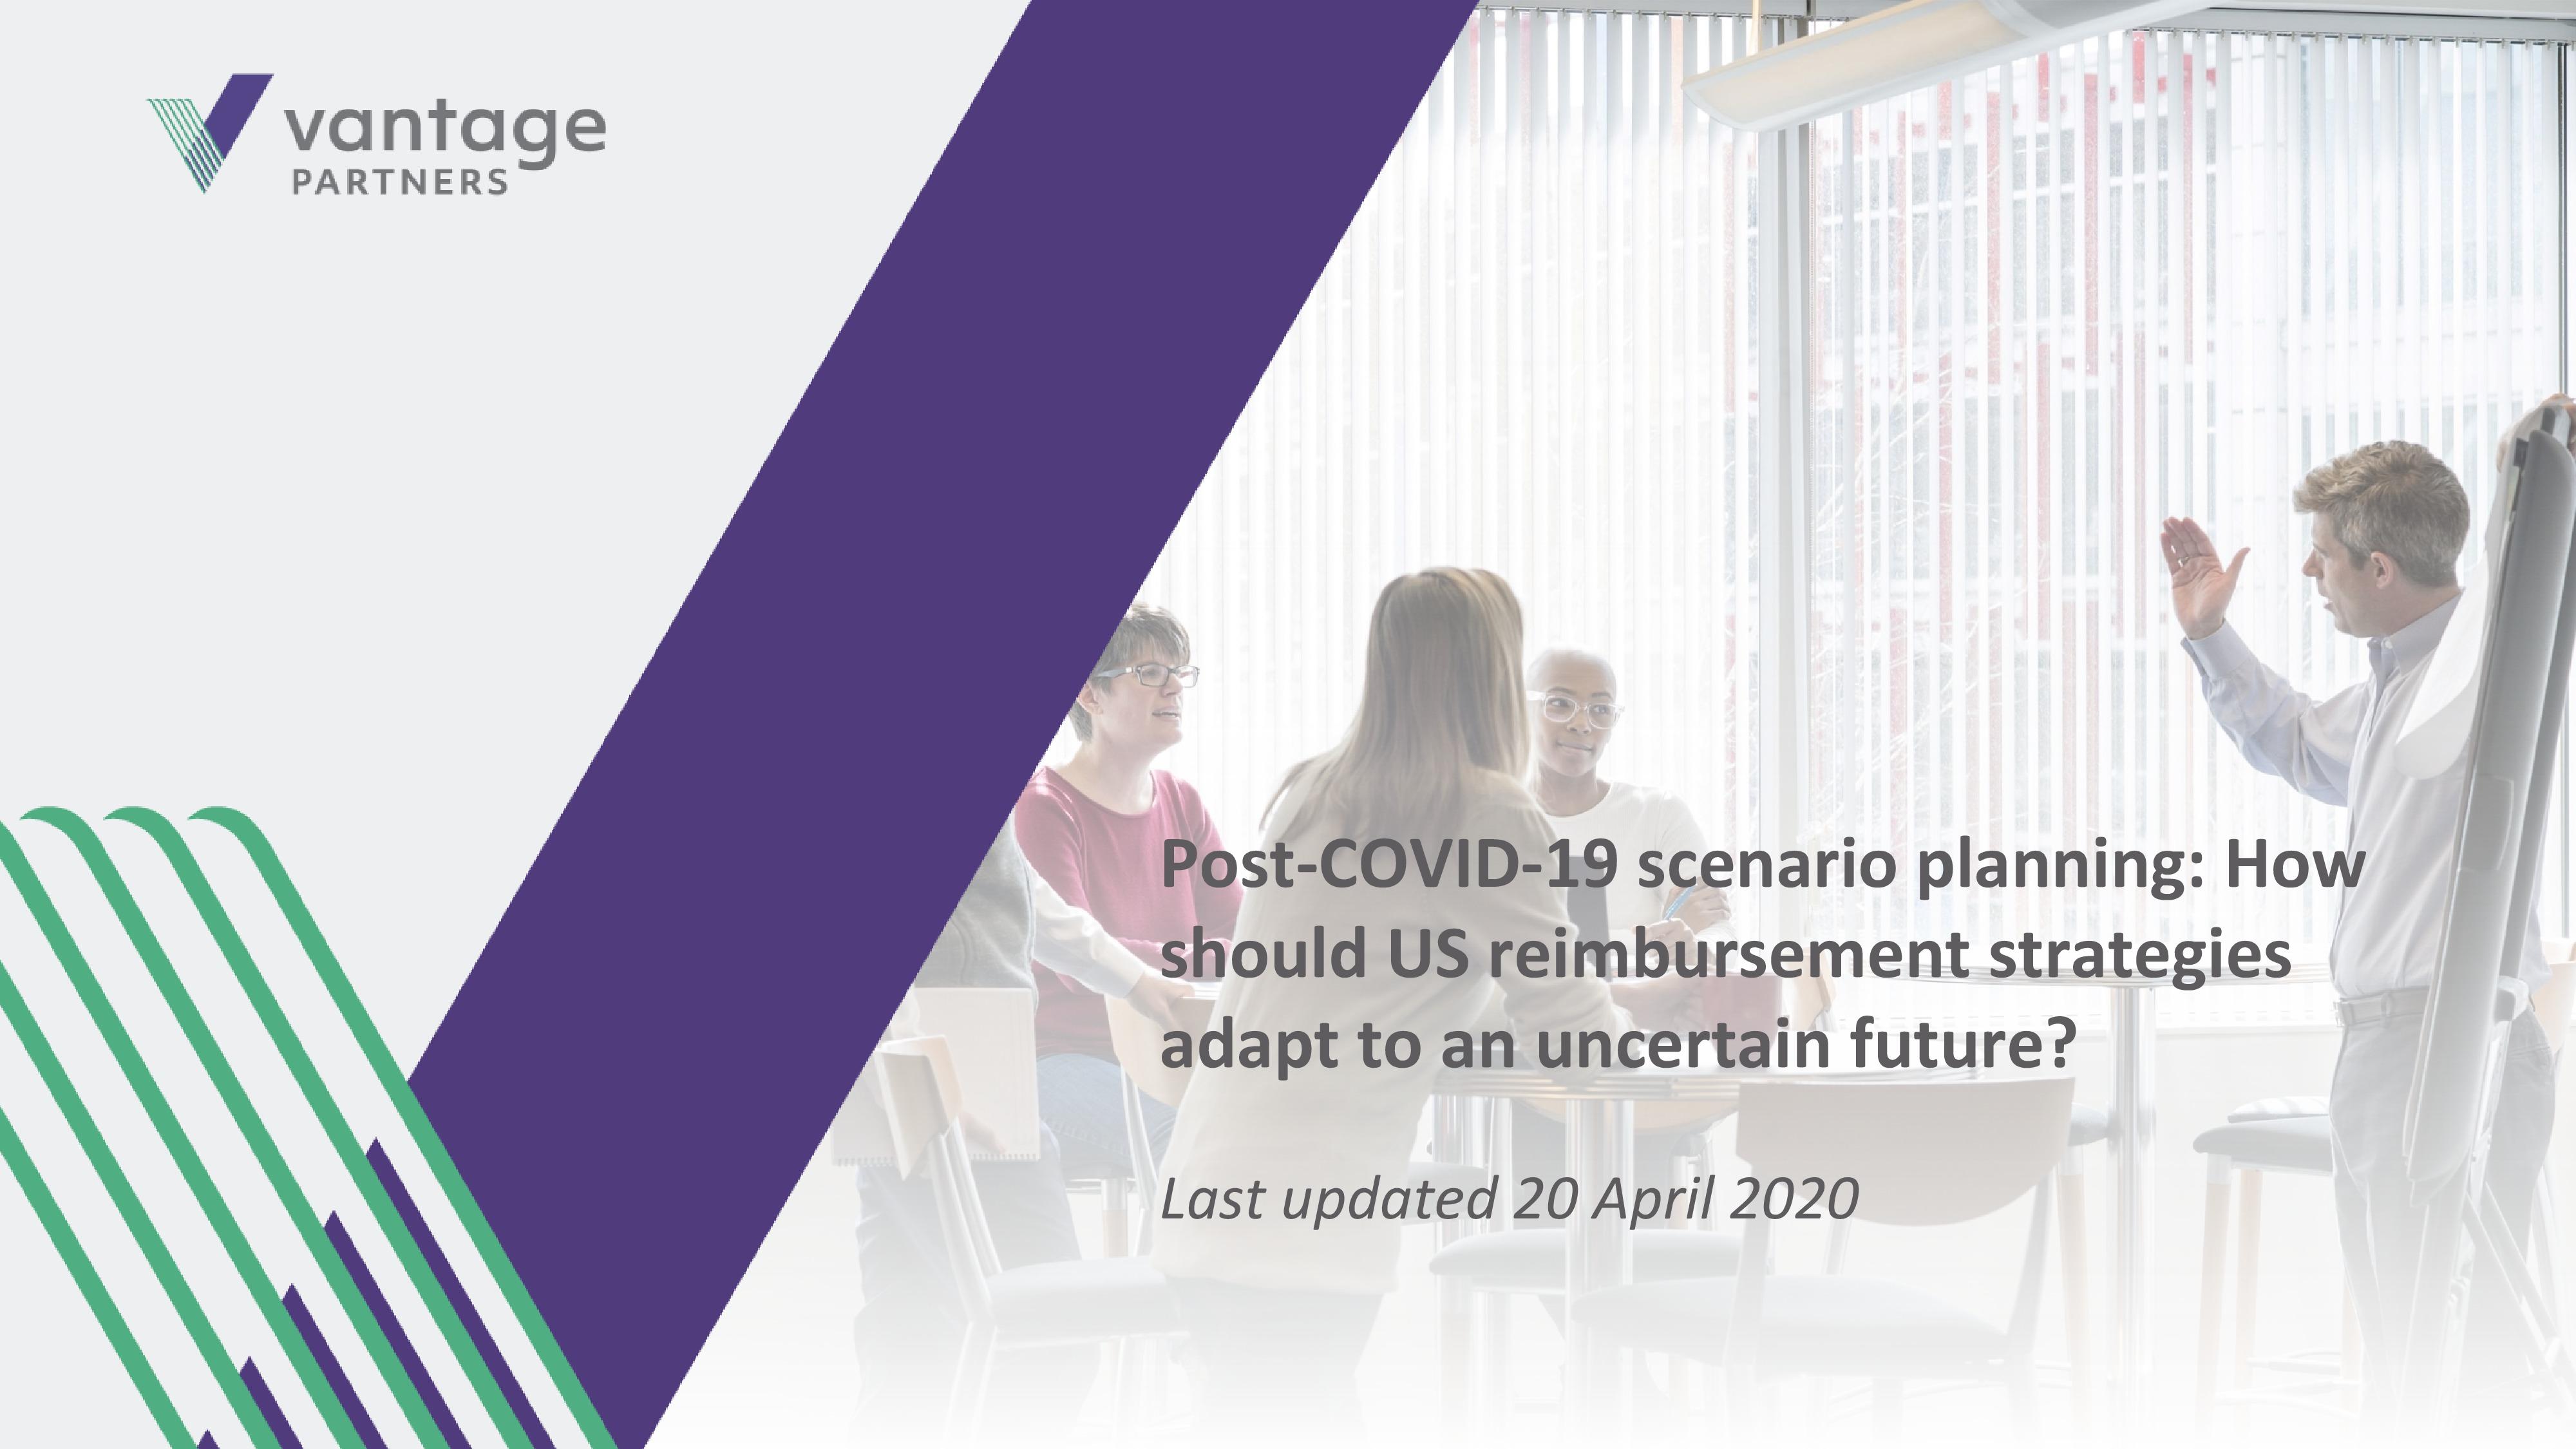 COVID reimbursement scenario planning cover slide